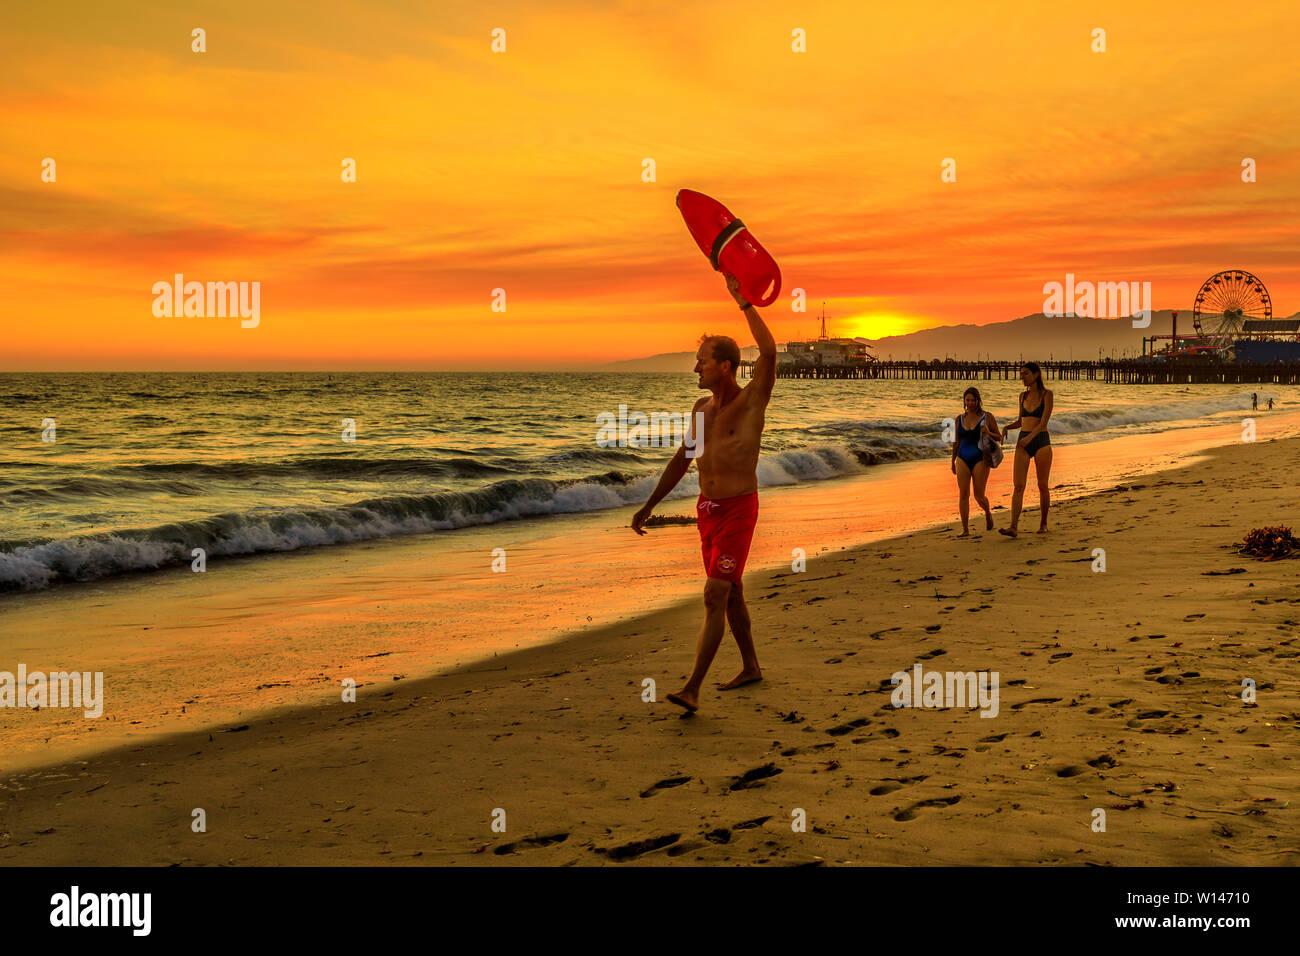 2ac08e97e088 Baywatch California Stock Photos & Baywatch California Stock Images ...